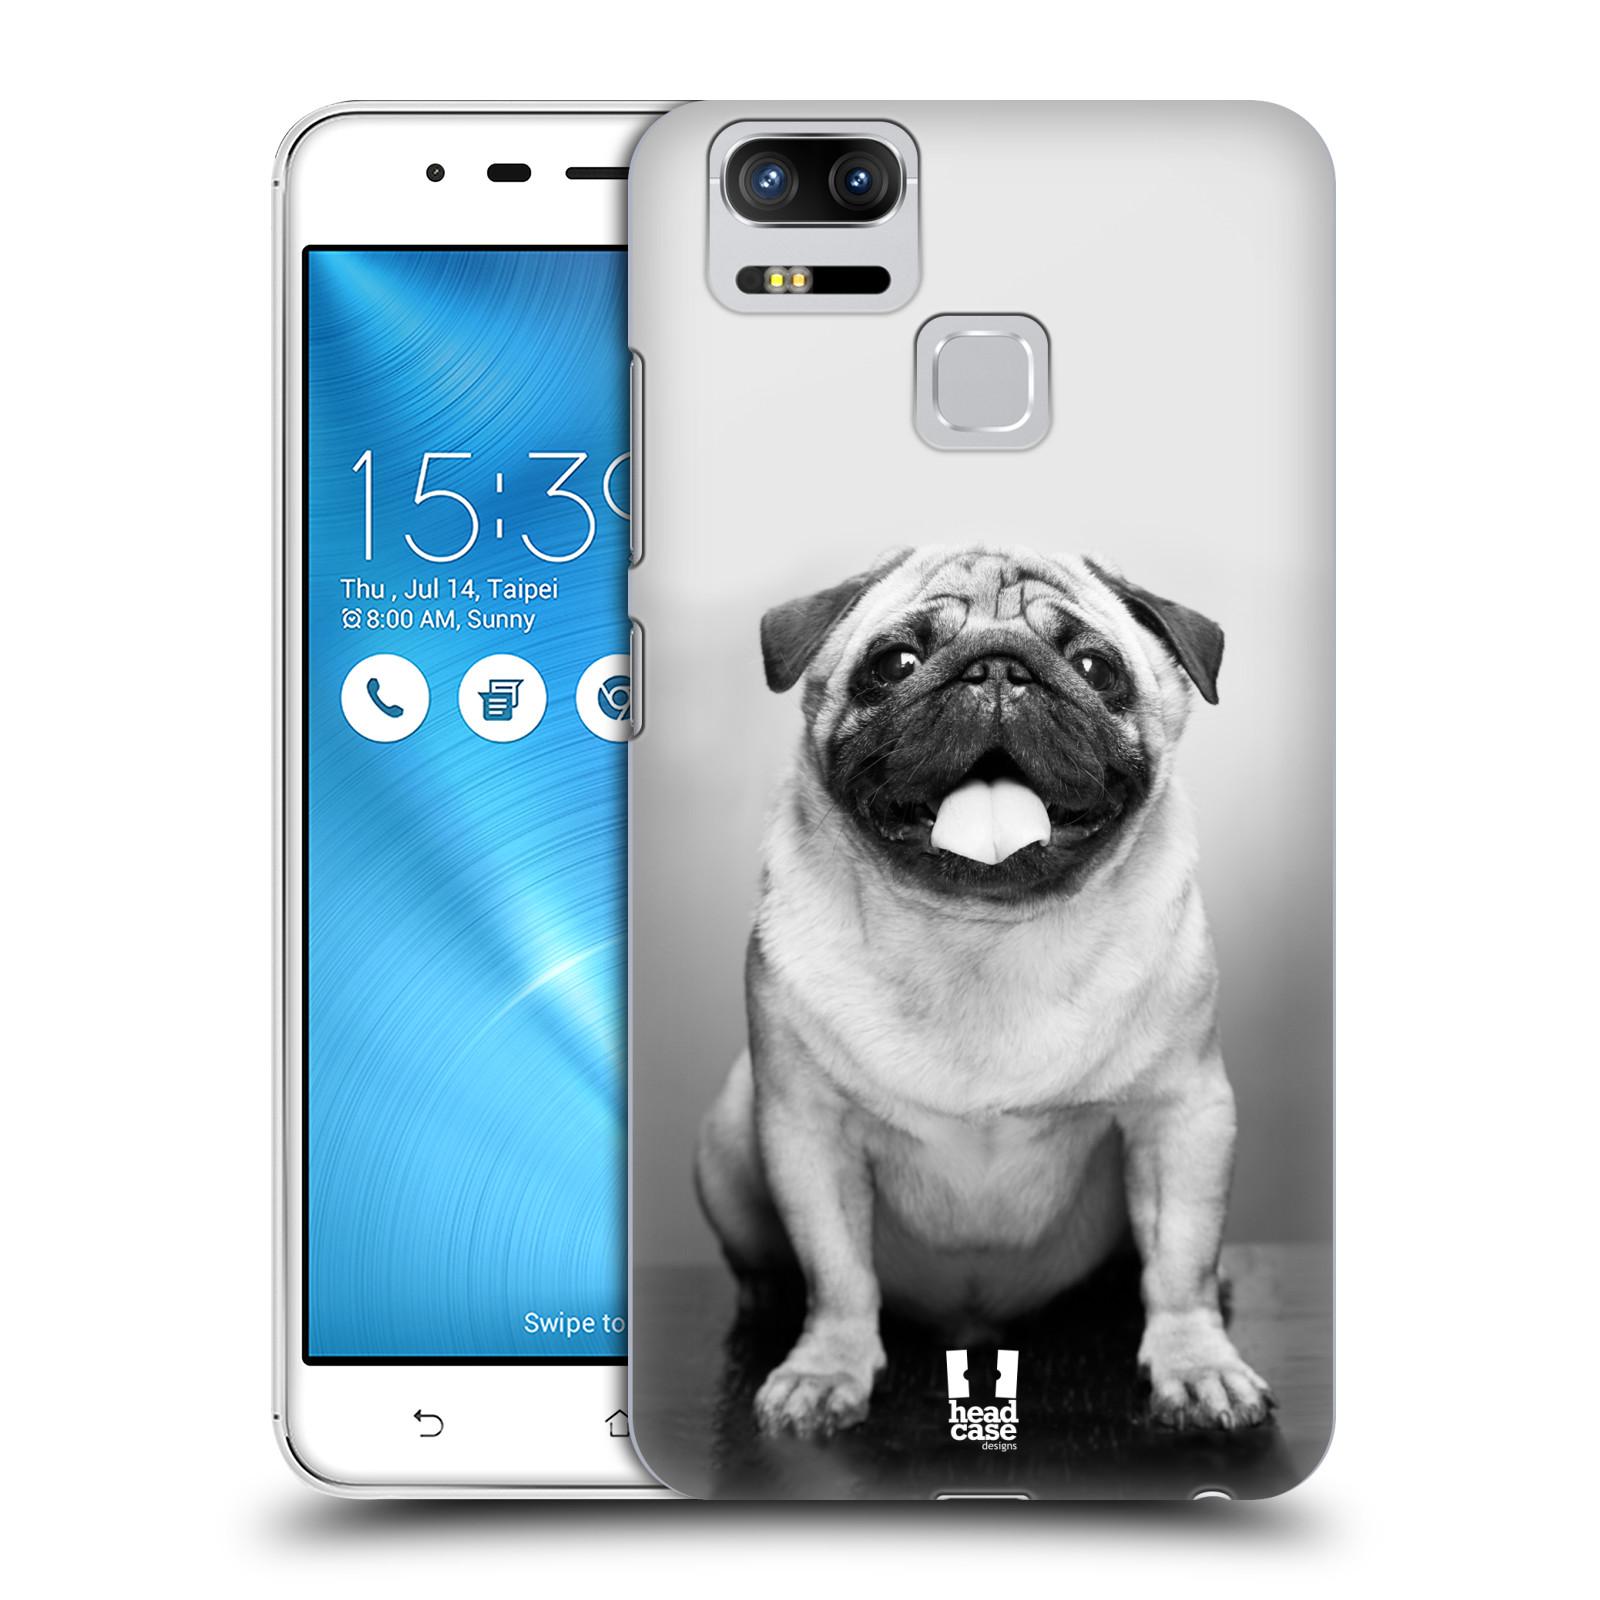 Plastové pouzdro na mobil Asus ZenFone 3 ZOOM ZE553KL - Head Case - MOPSÍK (Plastový kryt či obal na mobilní telefon Asus ZenFone 3 ZOOM ZE553KL s motivem MOPSÍK)